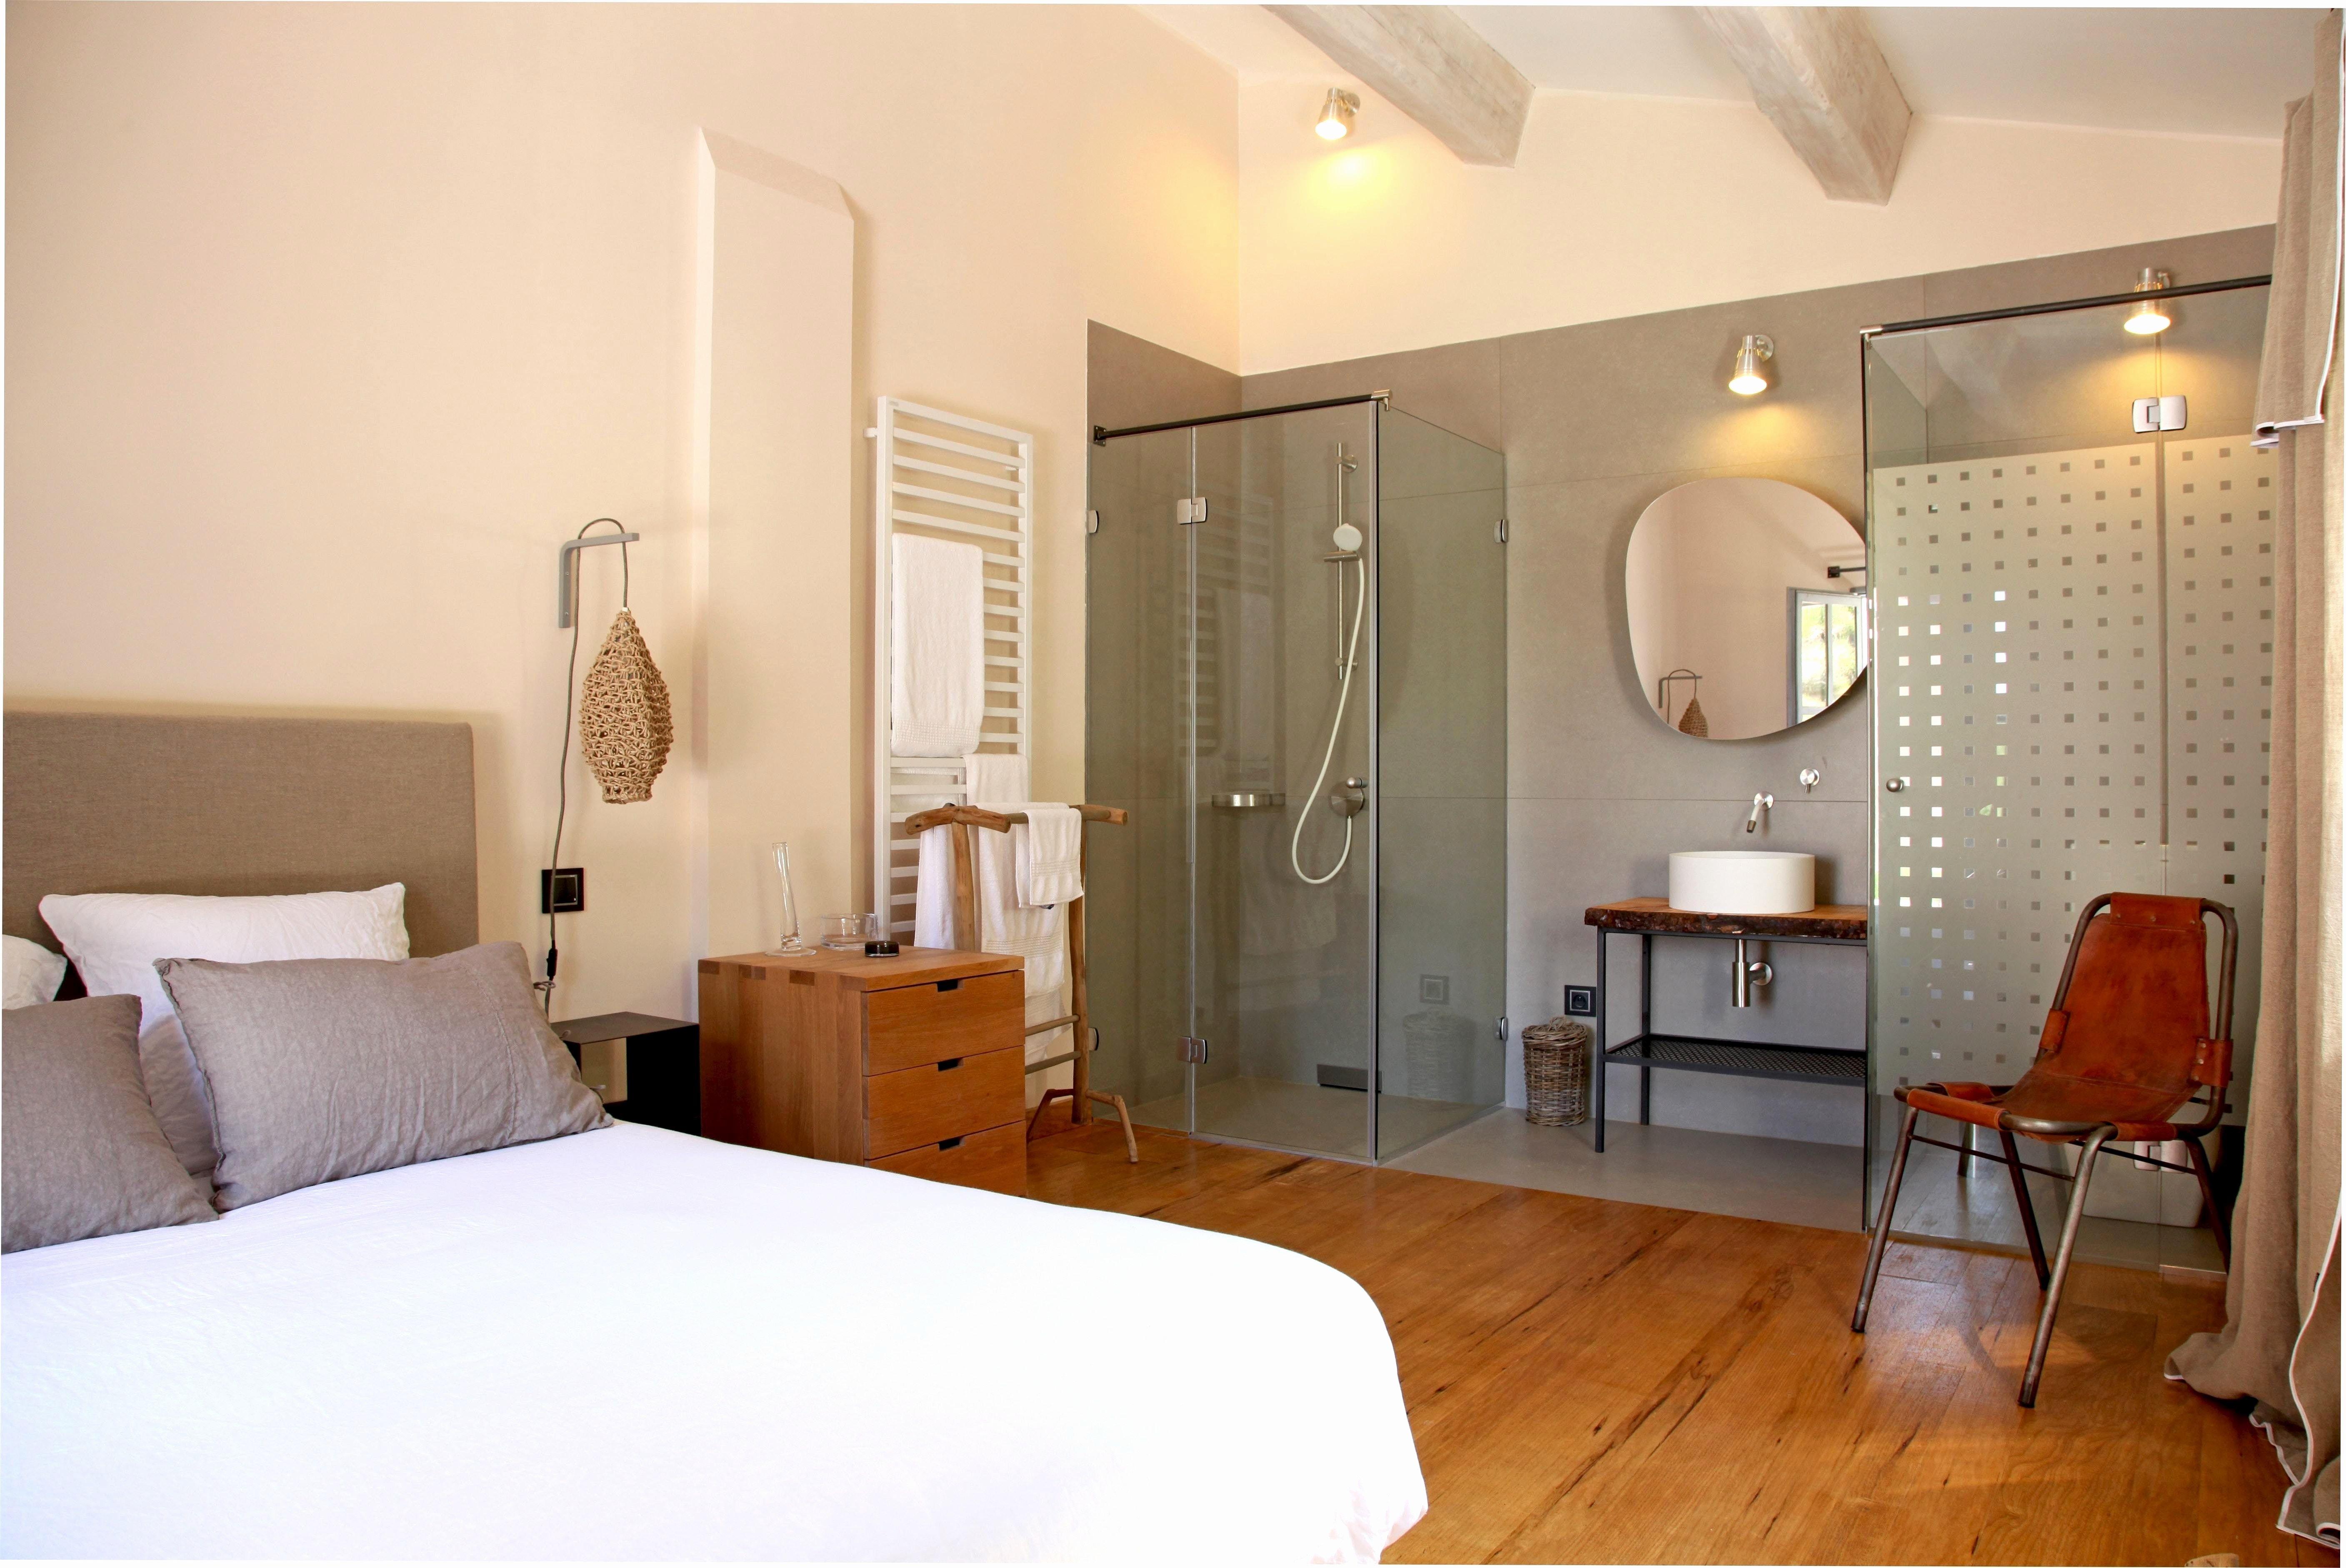 42 nouveau graphie de amenager petite chambre 7m2 junior. Black Bedroom Furniture Sets. Home Design Ideas